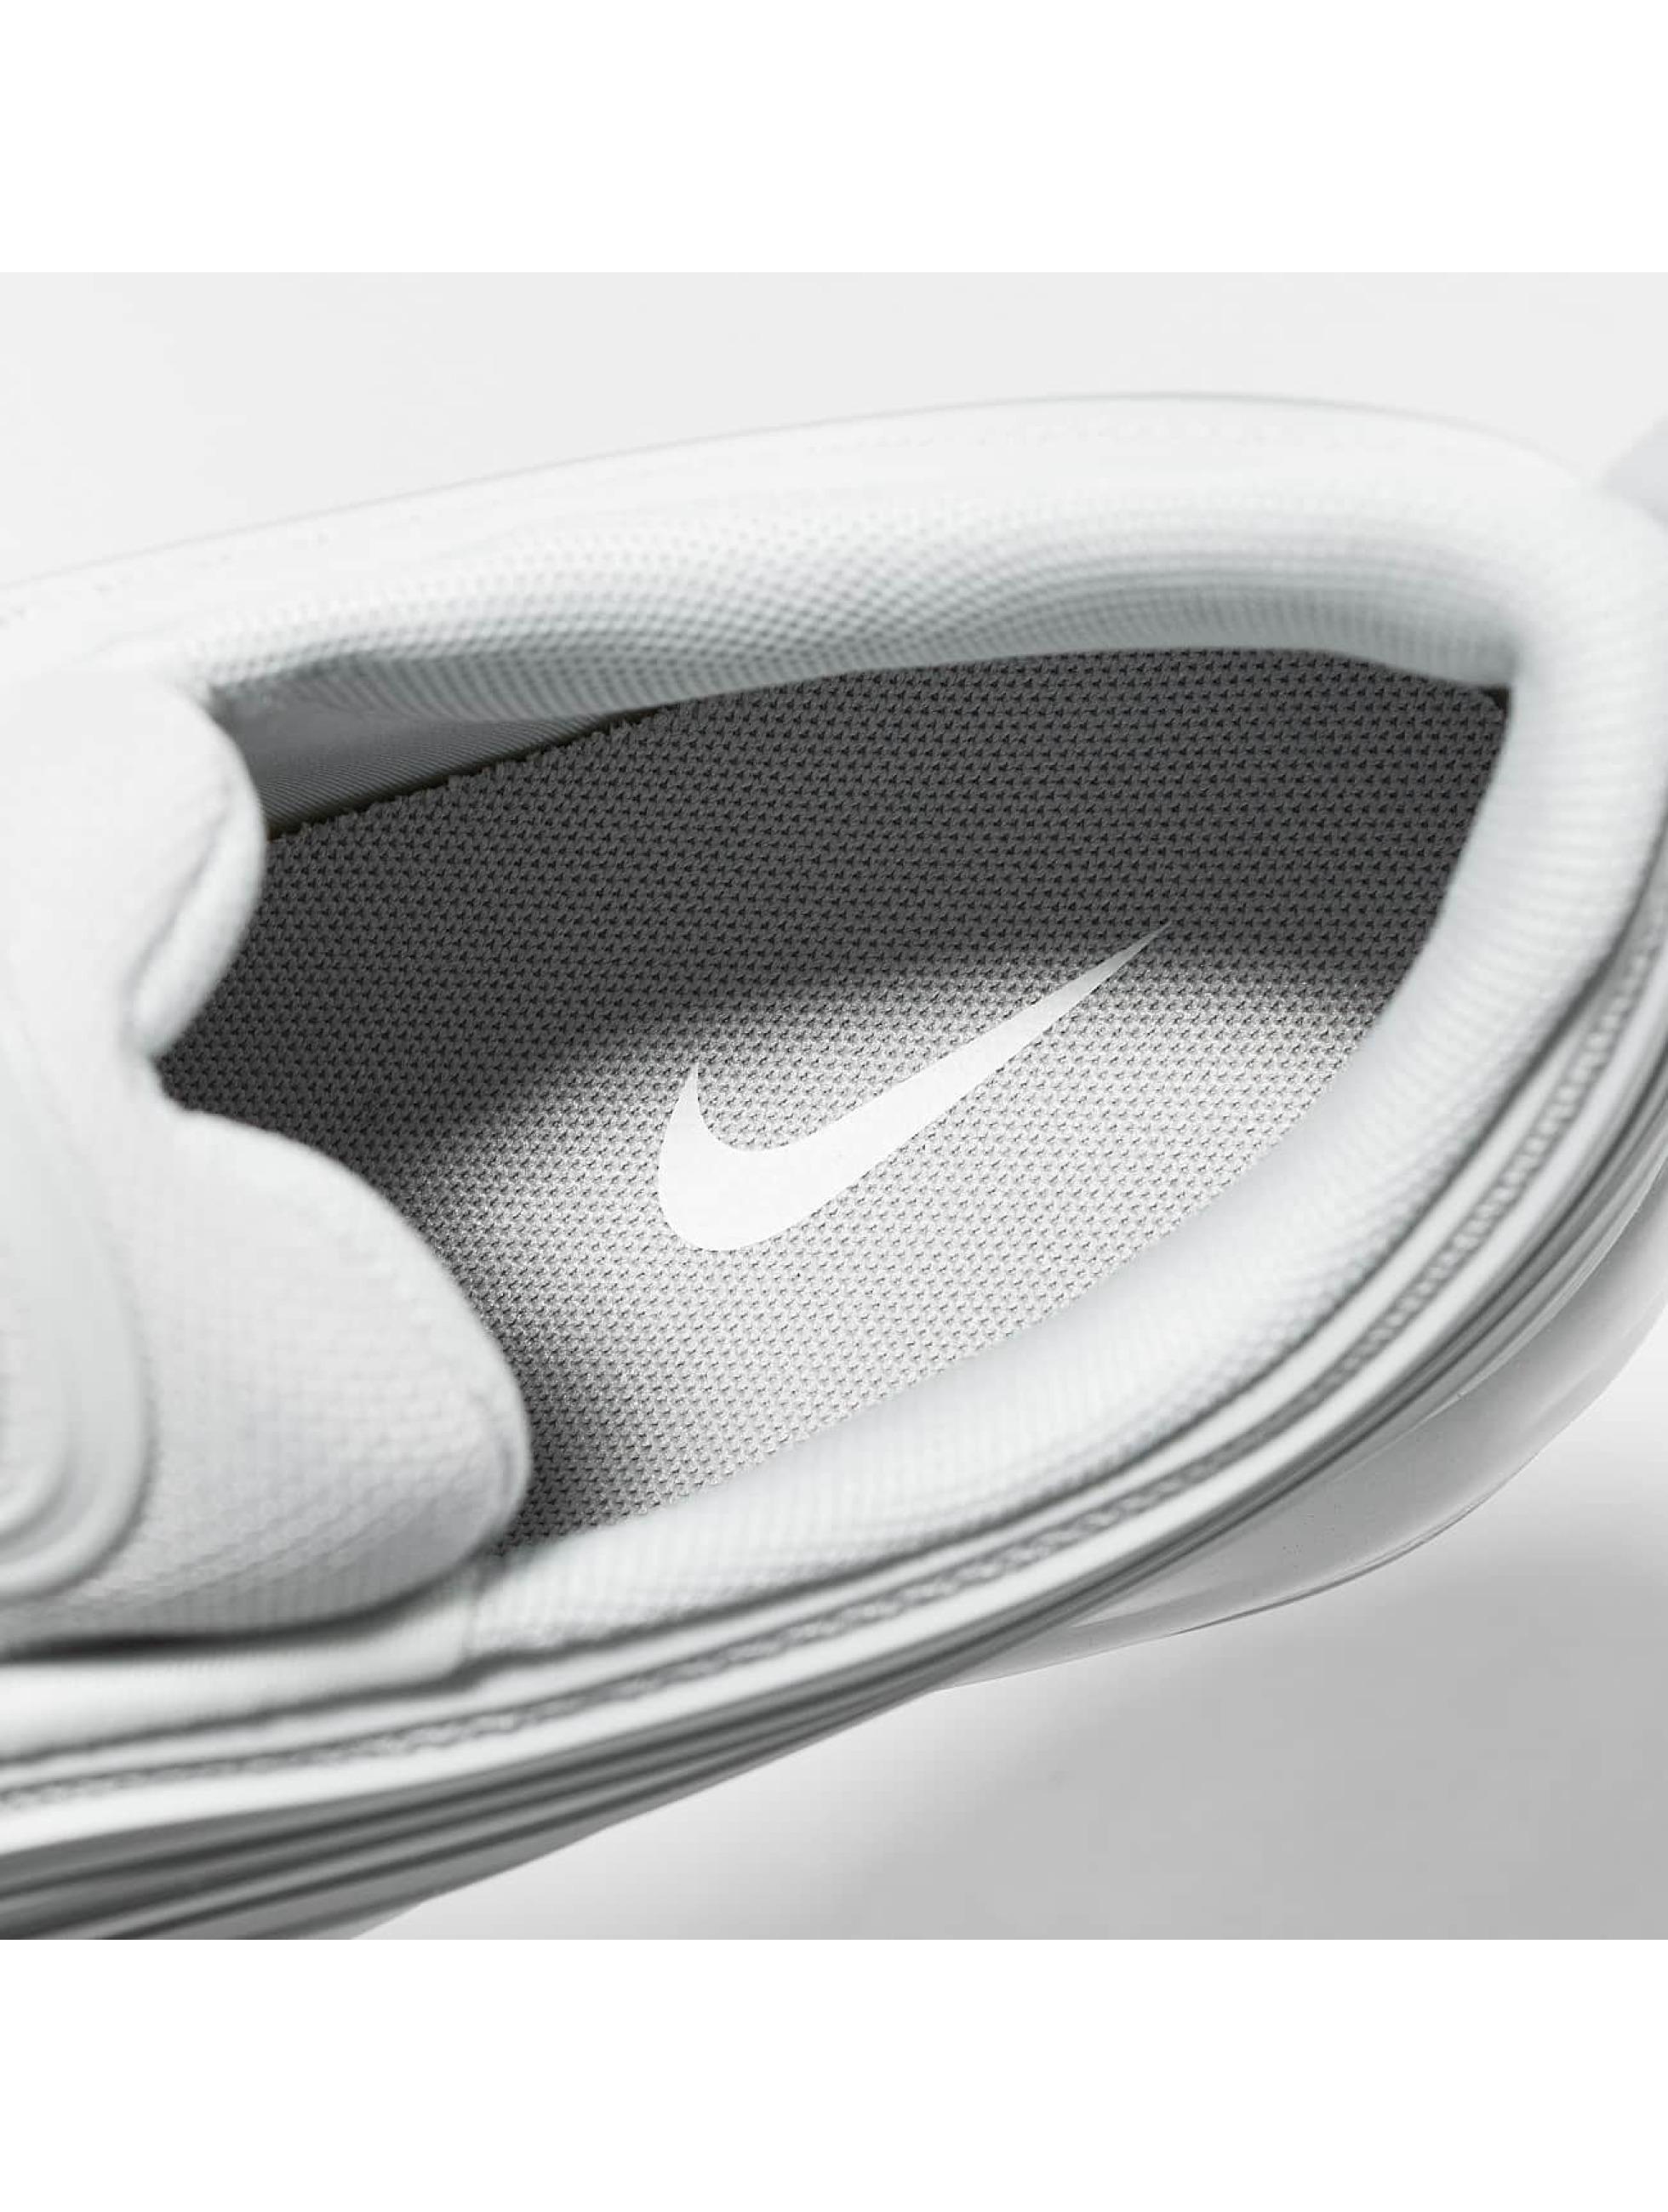 Nike Sneakers Air Max 97 Ultra '17 Premium grey